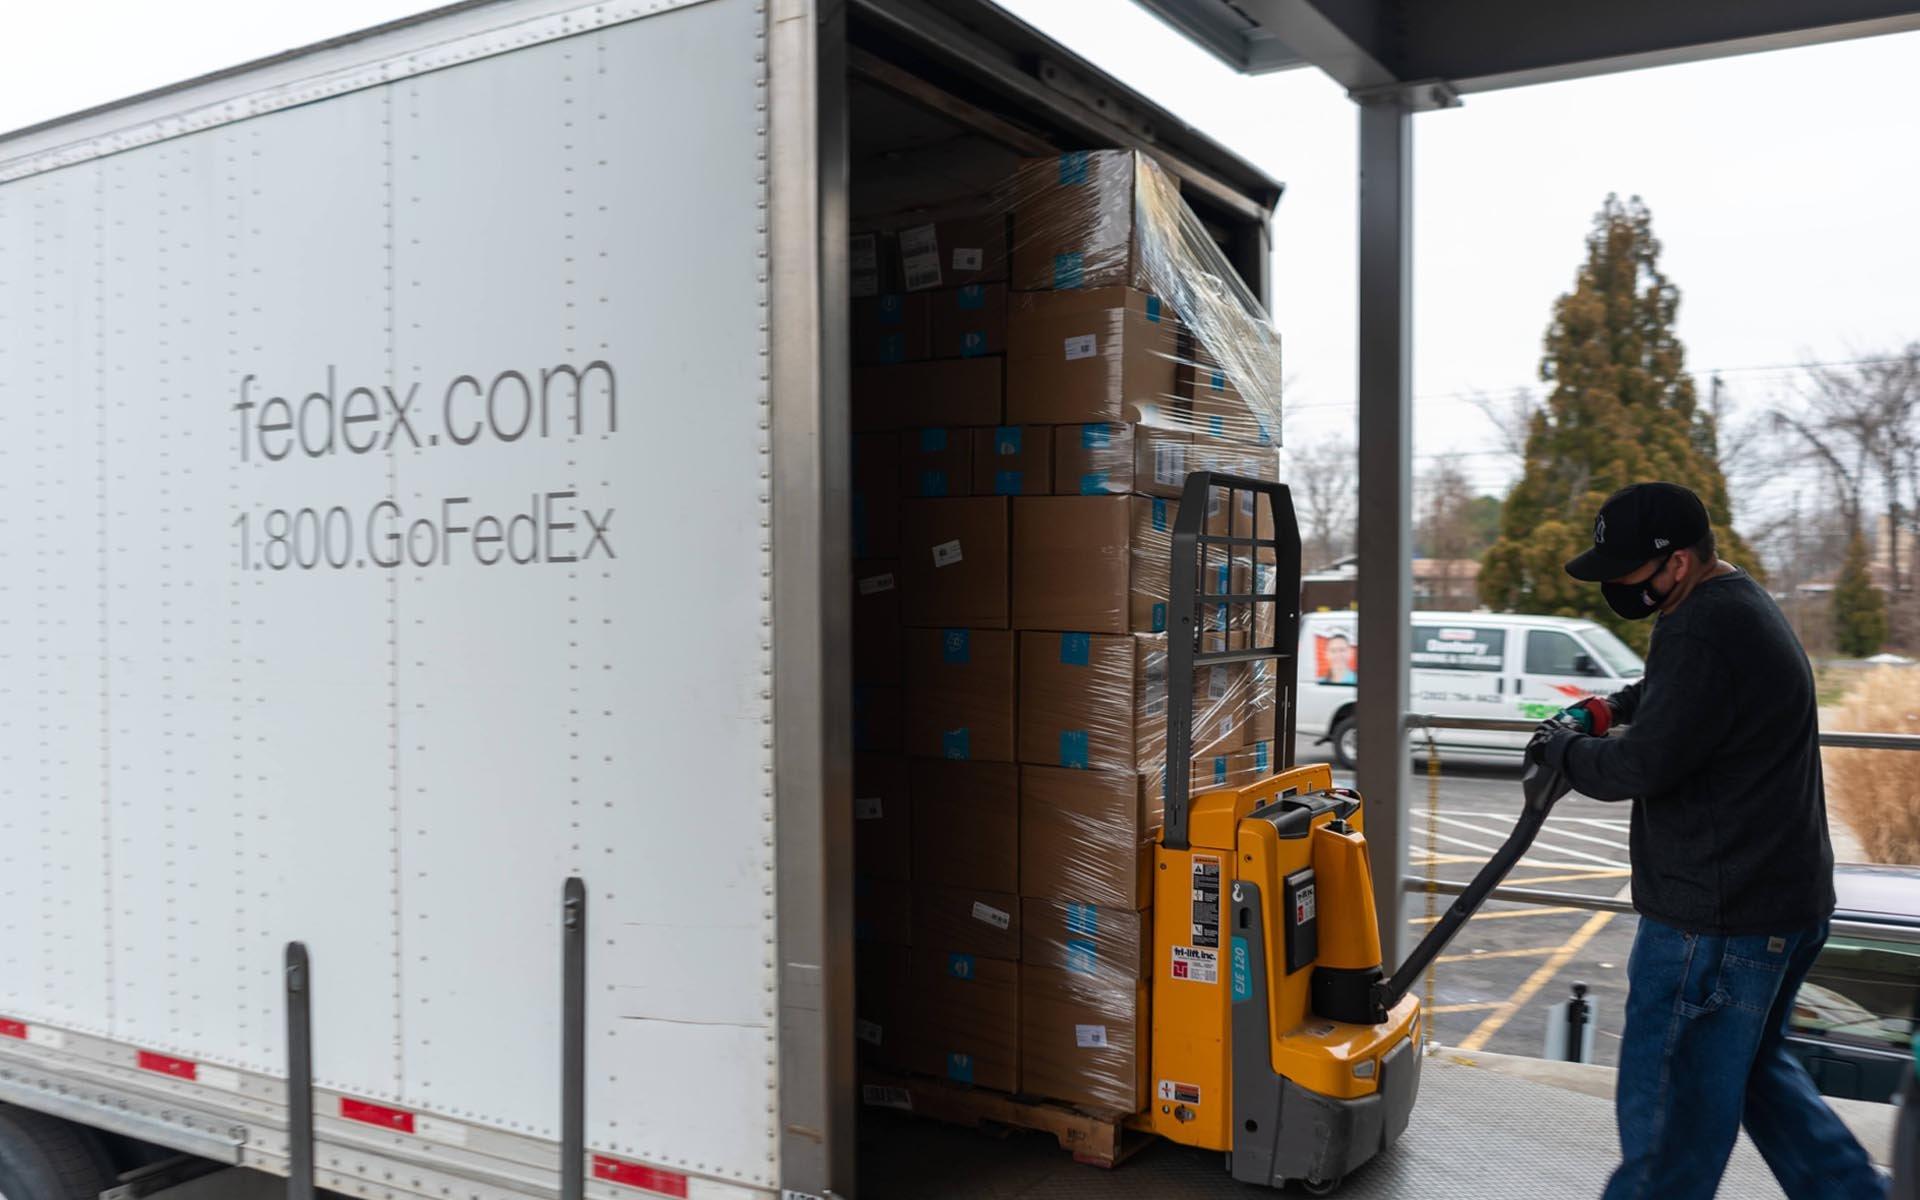 fcpeuro-paw-fedex-truck-full